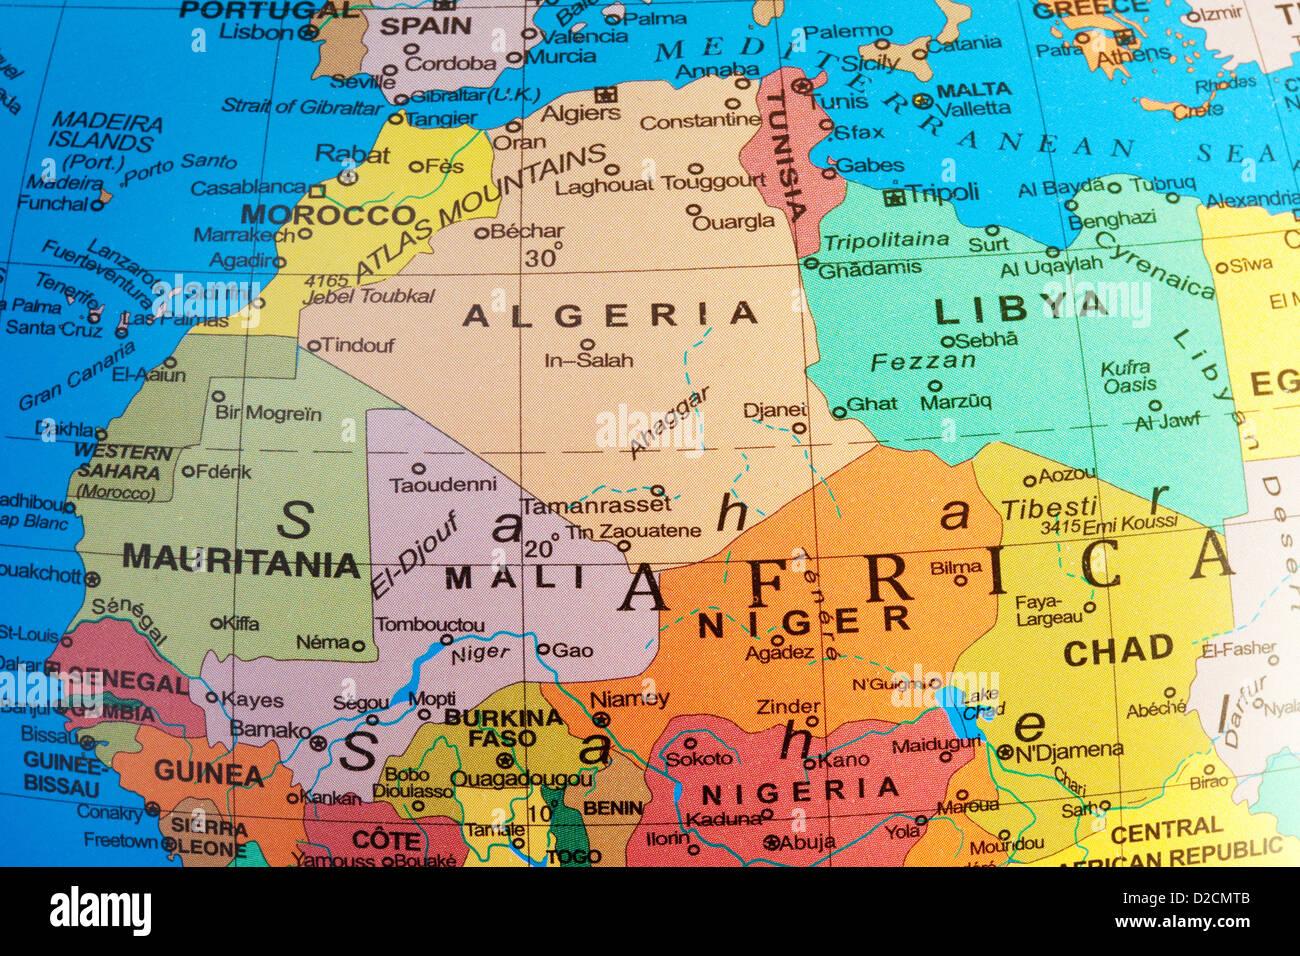 Una mappa del Nord Africa che mostra l'Algeria e Mali paesi su un globo Immagini Stock